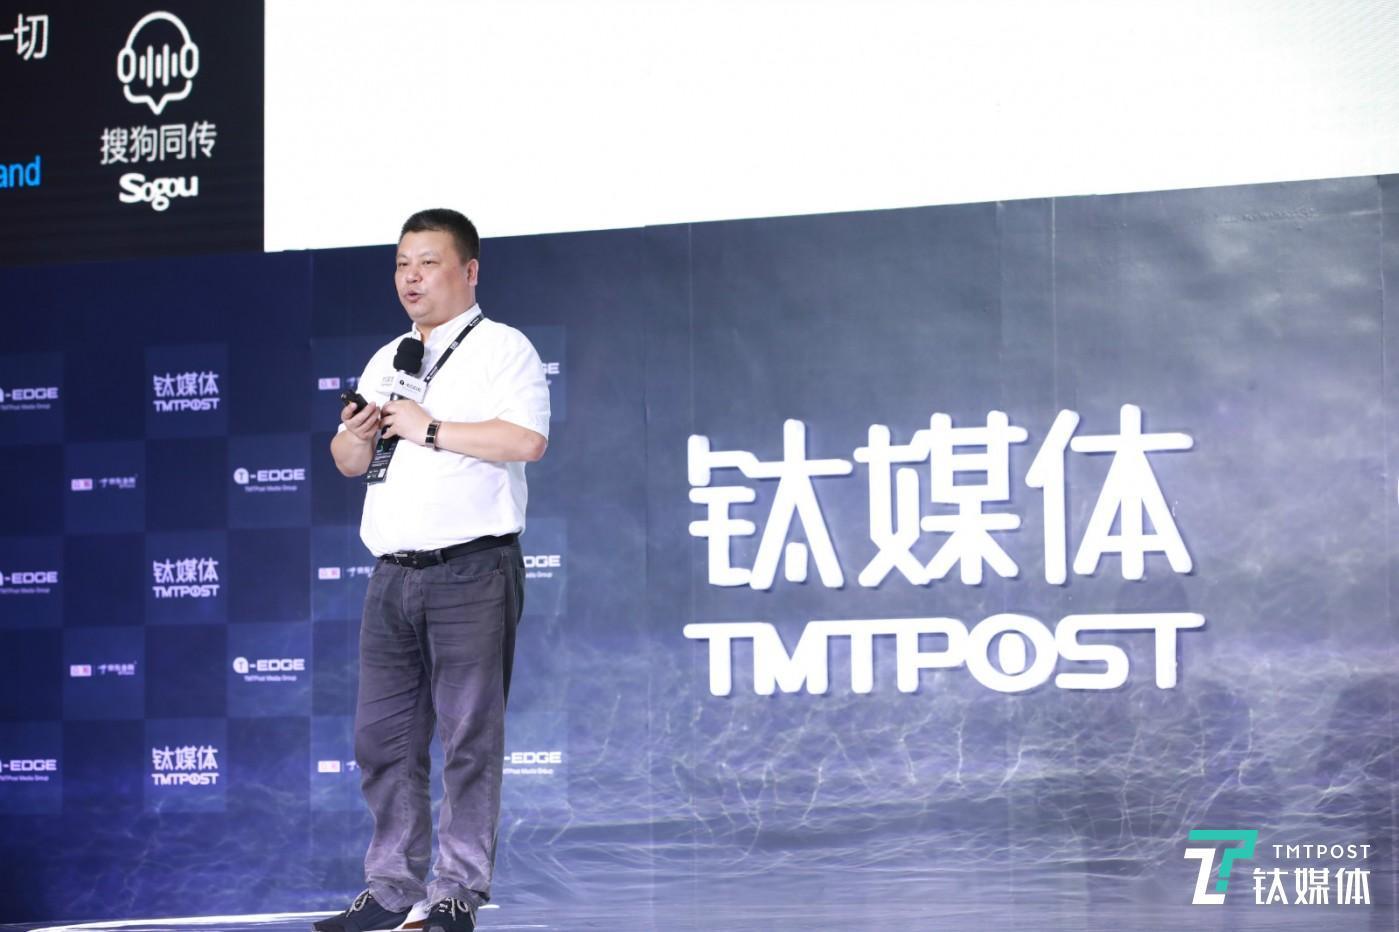 湖南广电副台长、芒果传媒副董事长在2017T-EDGE科技生活节